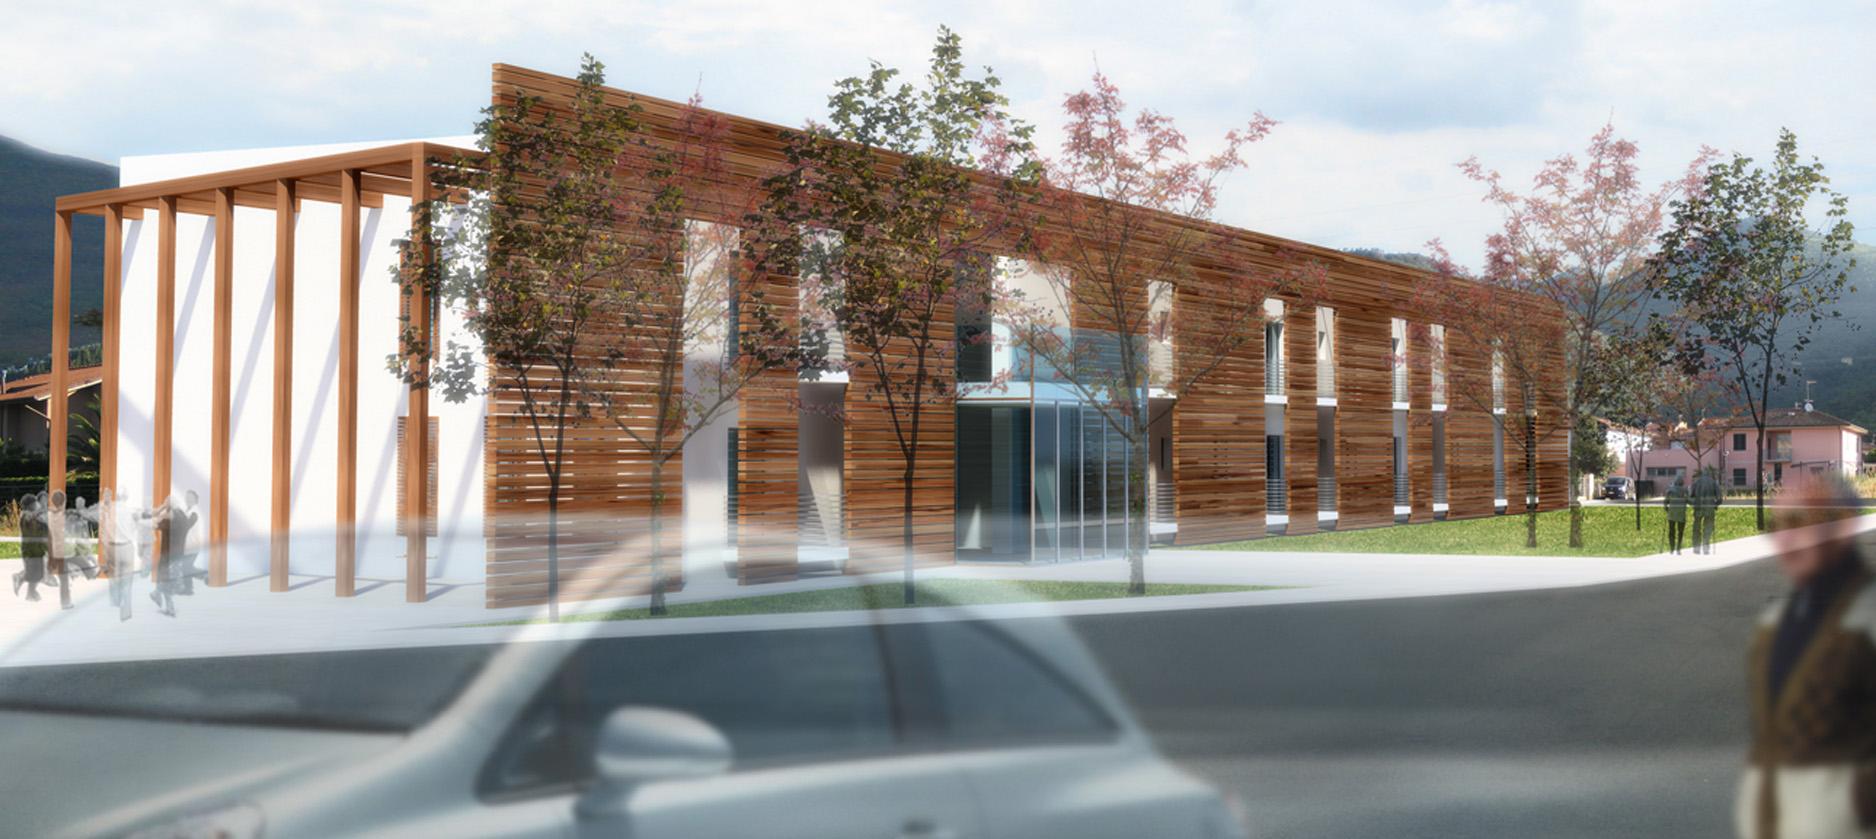 Residenza per anziani martini ruggeri partners for Piccoli piani di progettazione di edifici commerciali